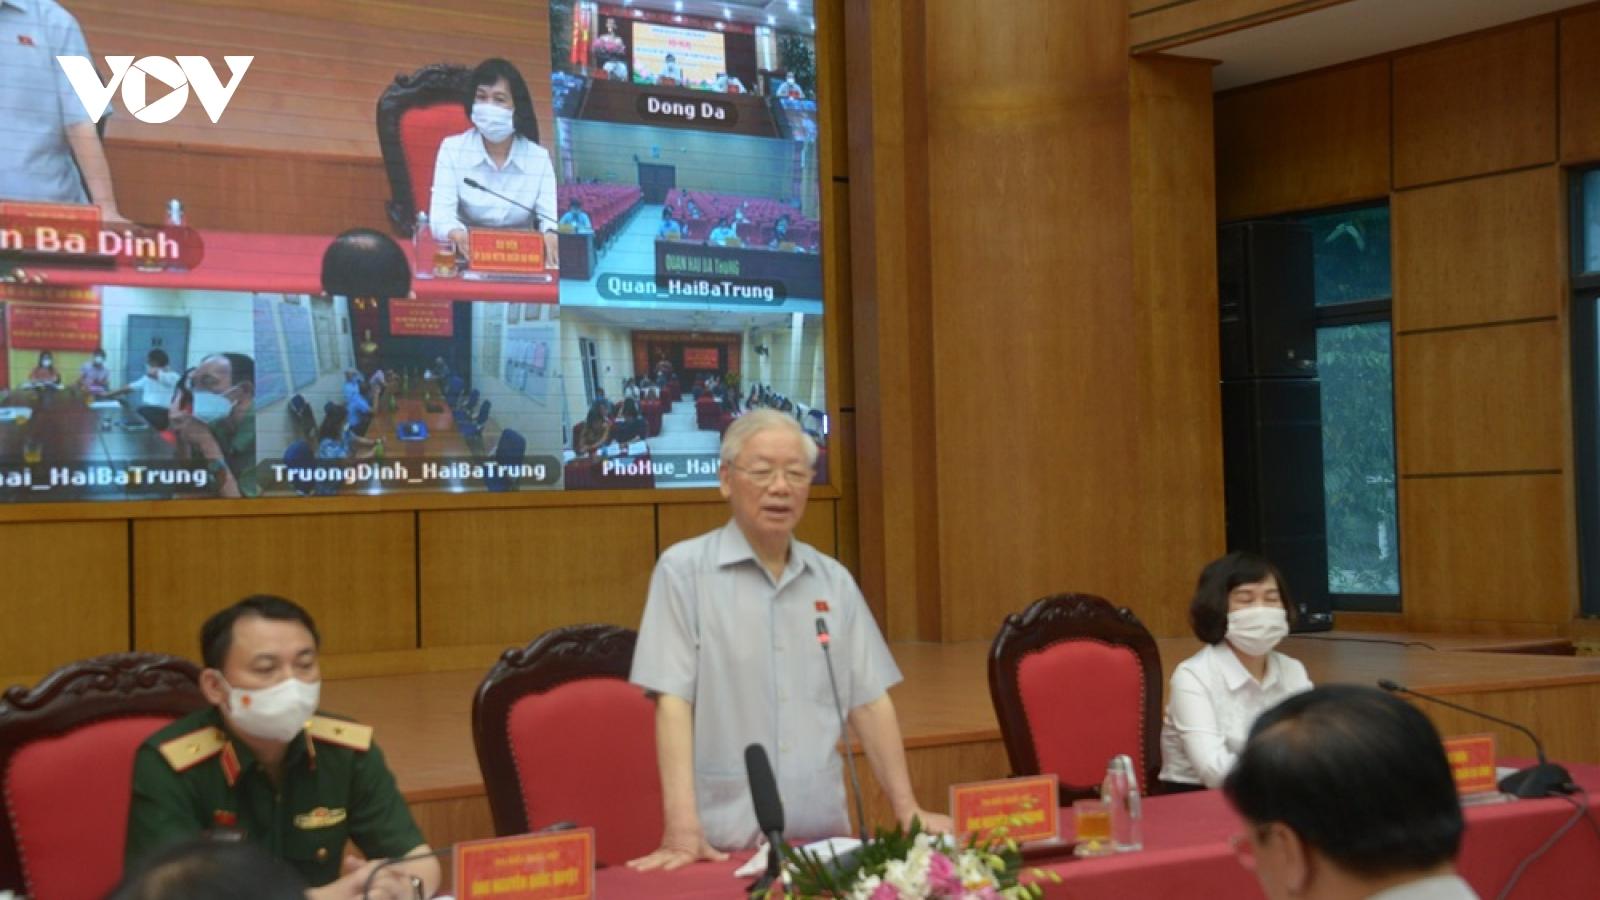 Tổng Bí thư: Cả nước cần đoàn kết, thống nhất ý chí quyết tâm cao để vượt qua khó khăn